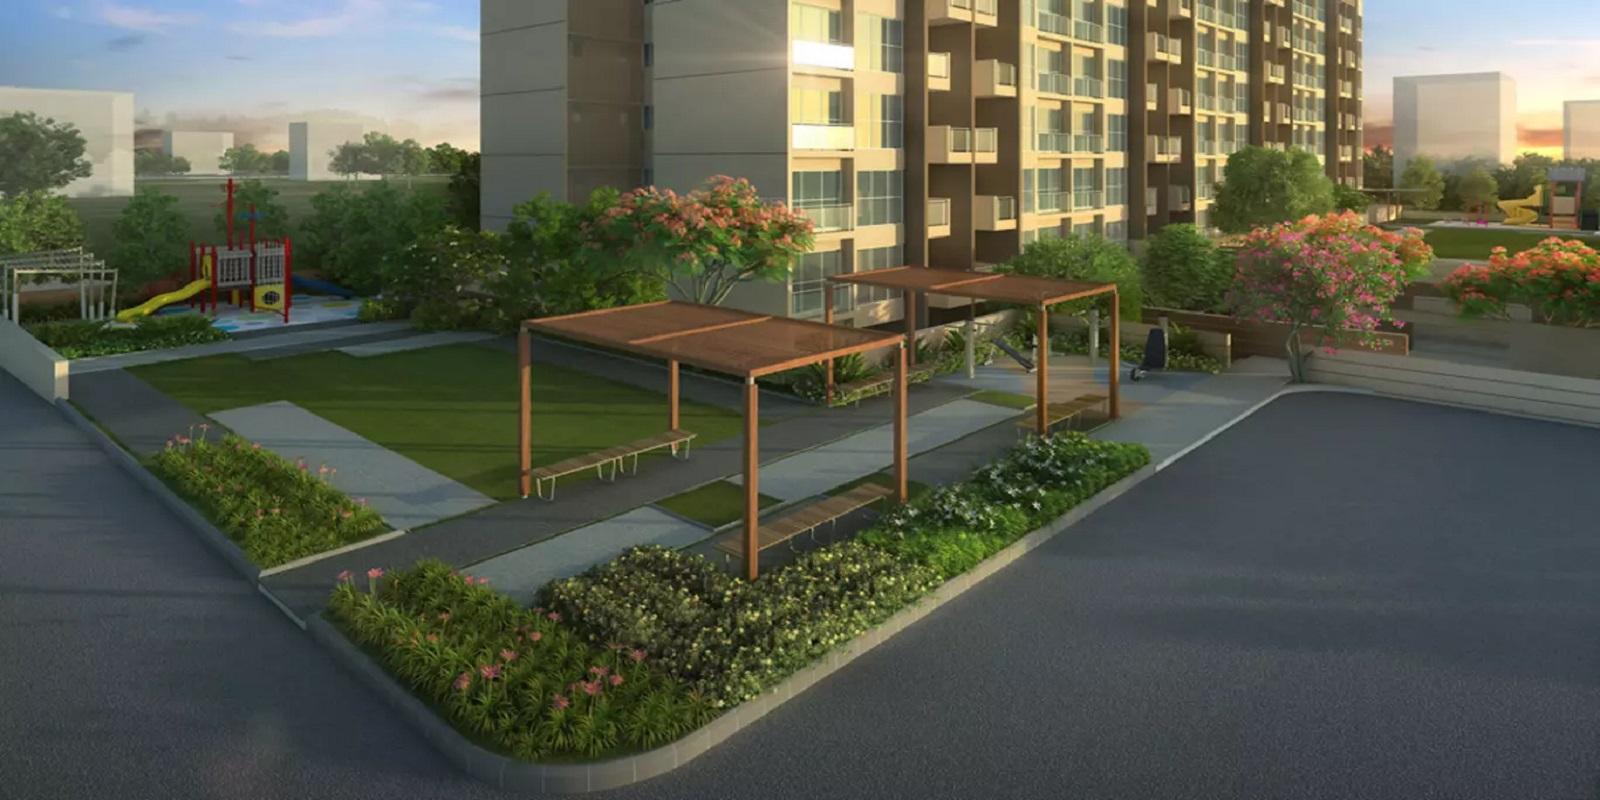 kohinoor tinsel county amenities features9